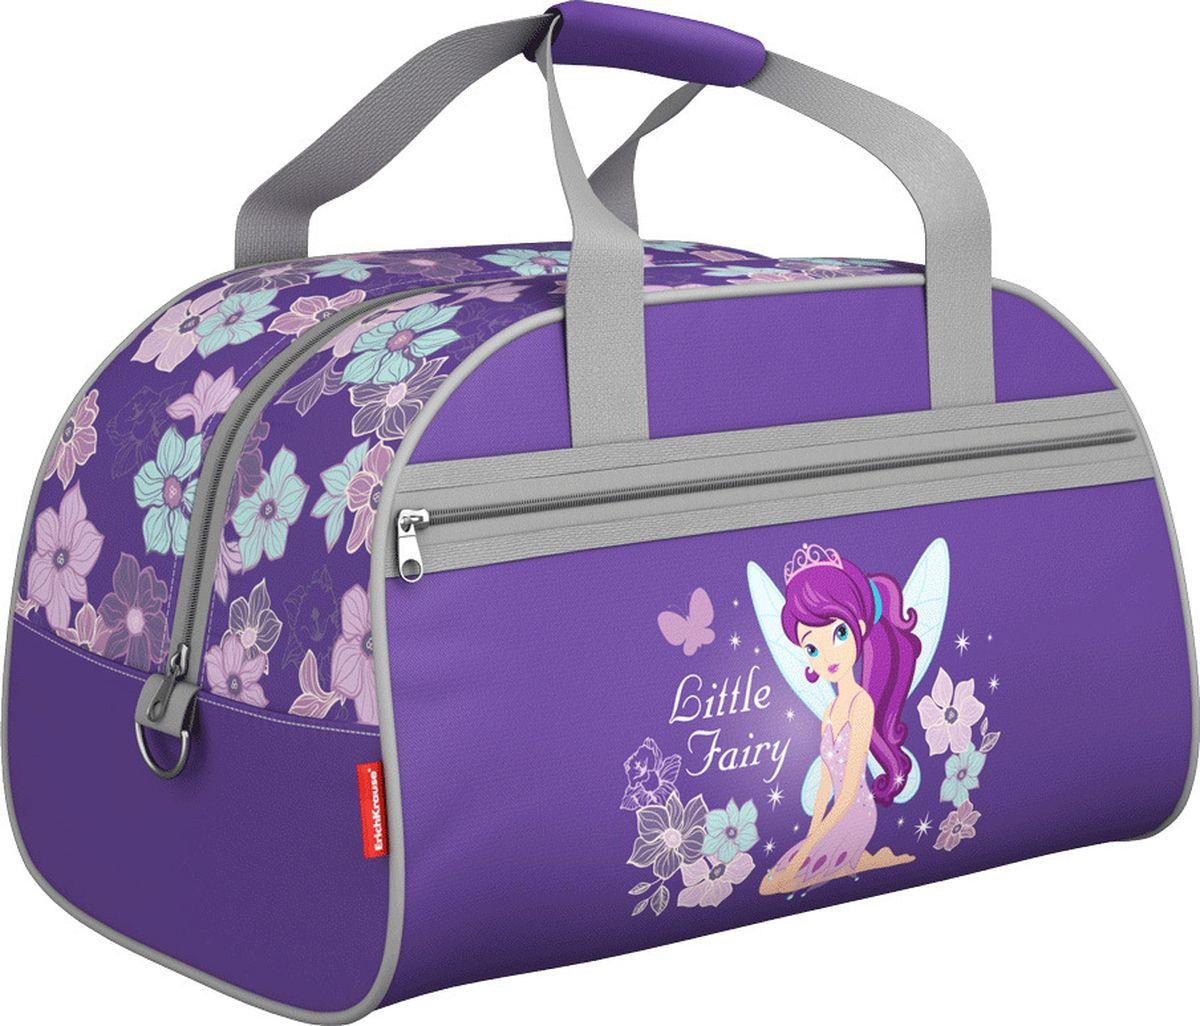 Erich Krause Сумка для сменной обуви Flower Fairy 4236672523WDДетская сумка предназначена для спортивных вещей. Размер 35 x 26 x 23 см. Выполнена из водонепроницаемого материала. Ручки на липучке, снаружи имеется карман на молнии.